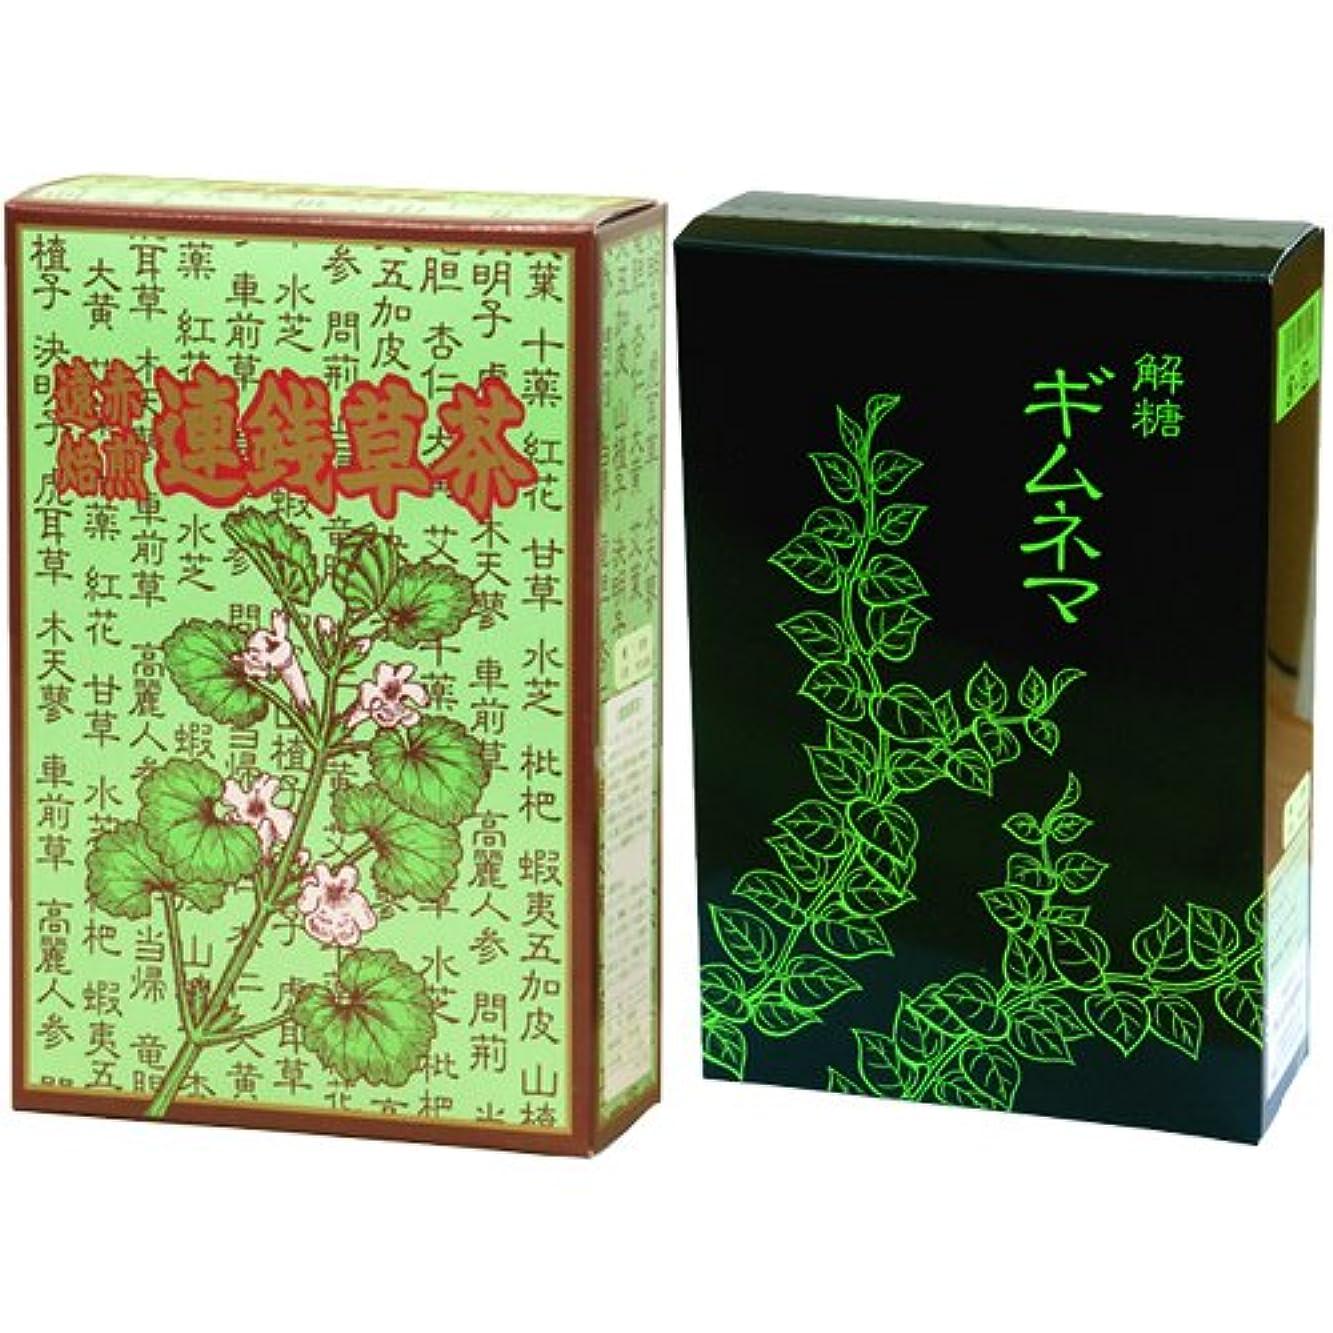 フェデレーション慈悲深いポータル自然健康社 国産連銭草茶 30パック + 解糖ギムネマ 32パック